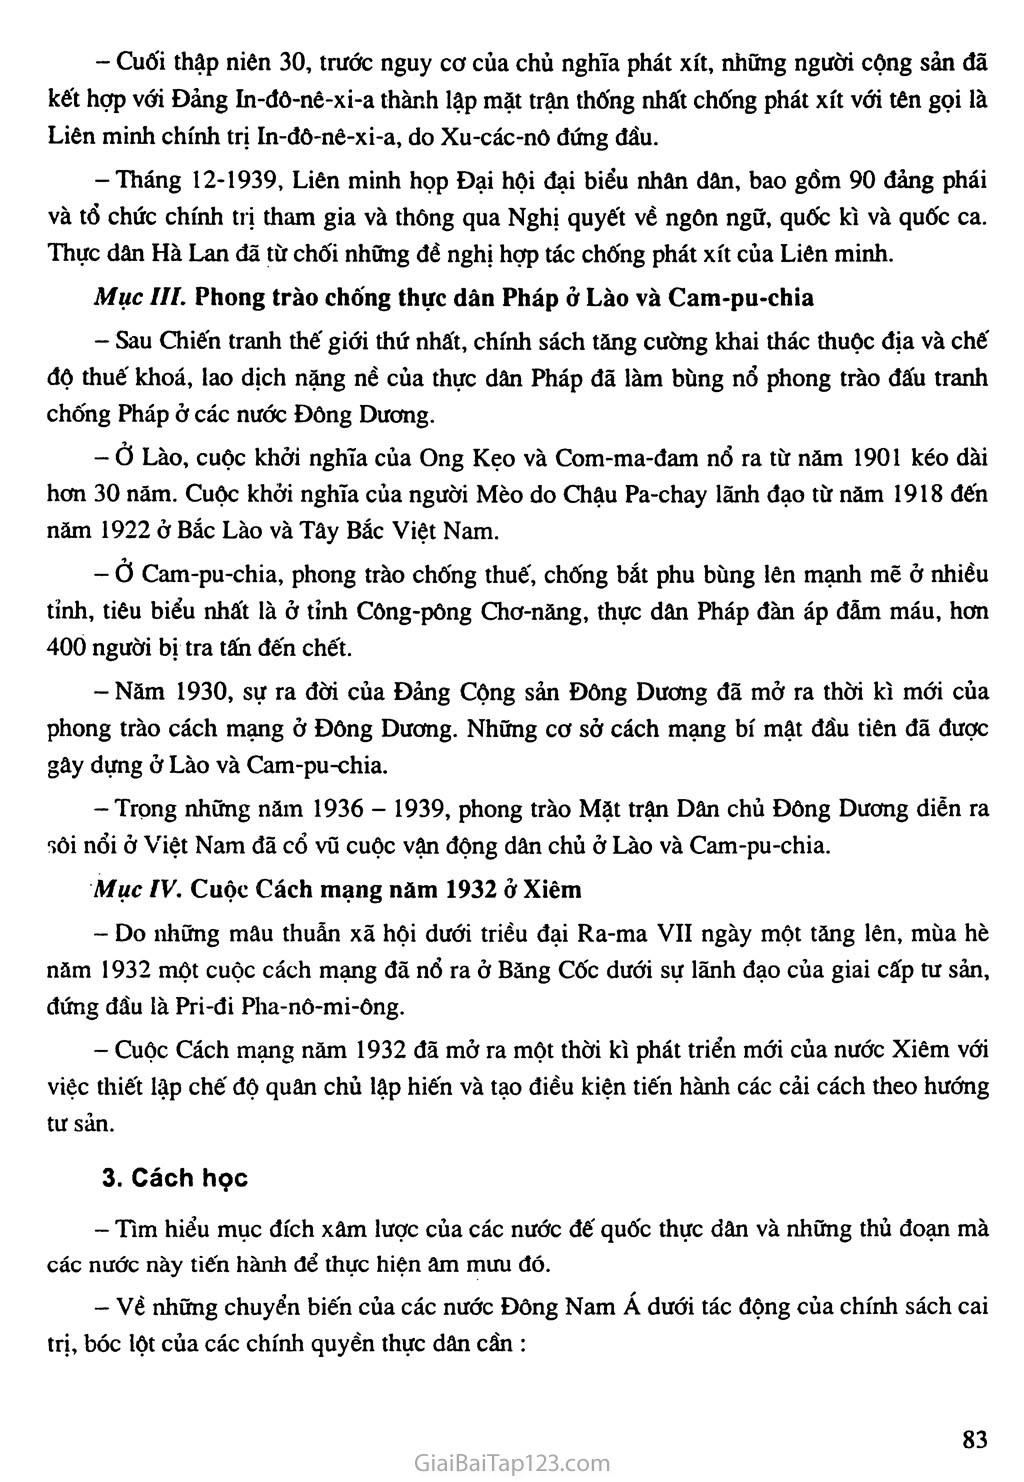 Bài 16: Các nước Đông Nam Á giữa hai cuộc chiến tranh thế giới (1918 - 1939) trang 3